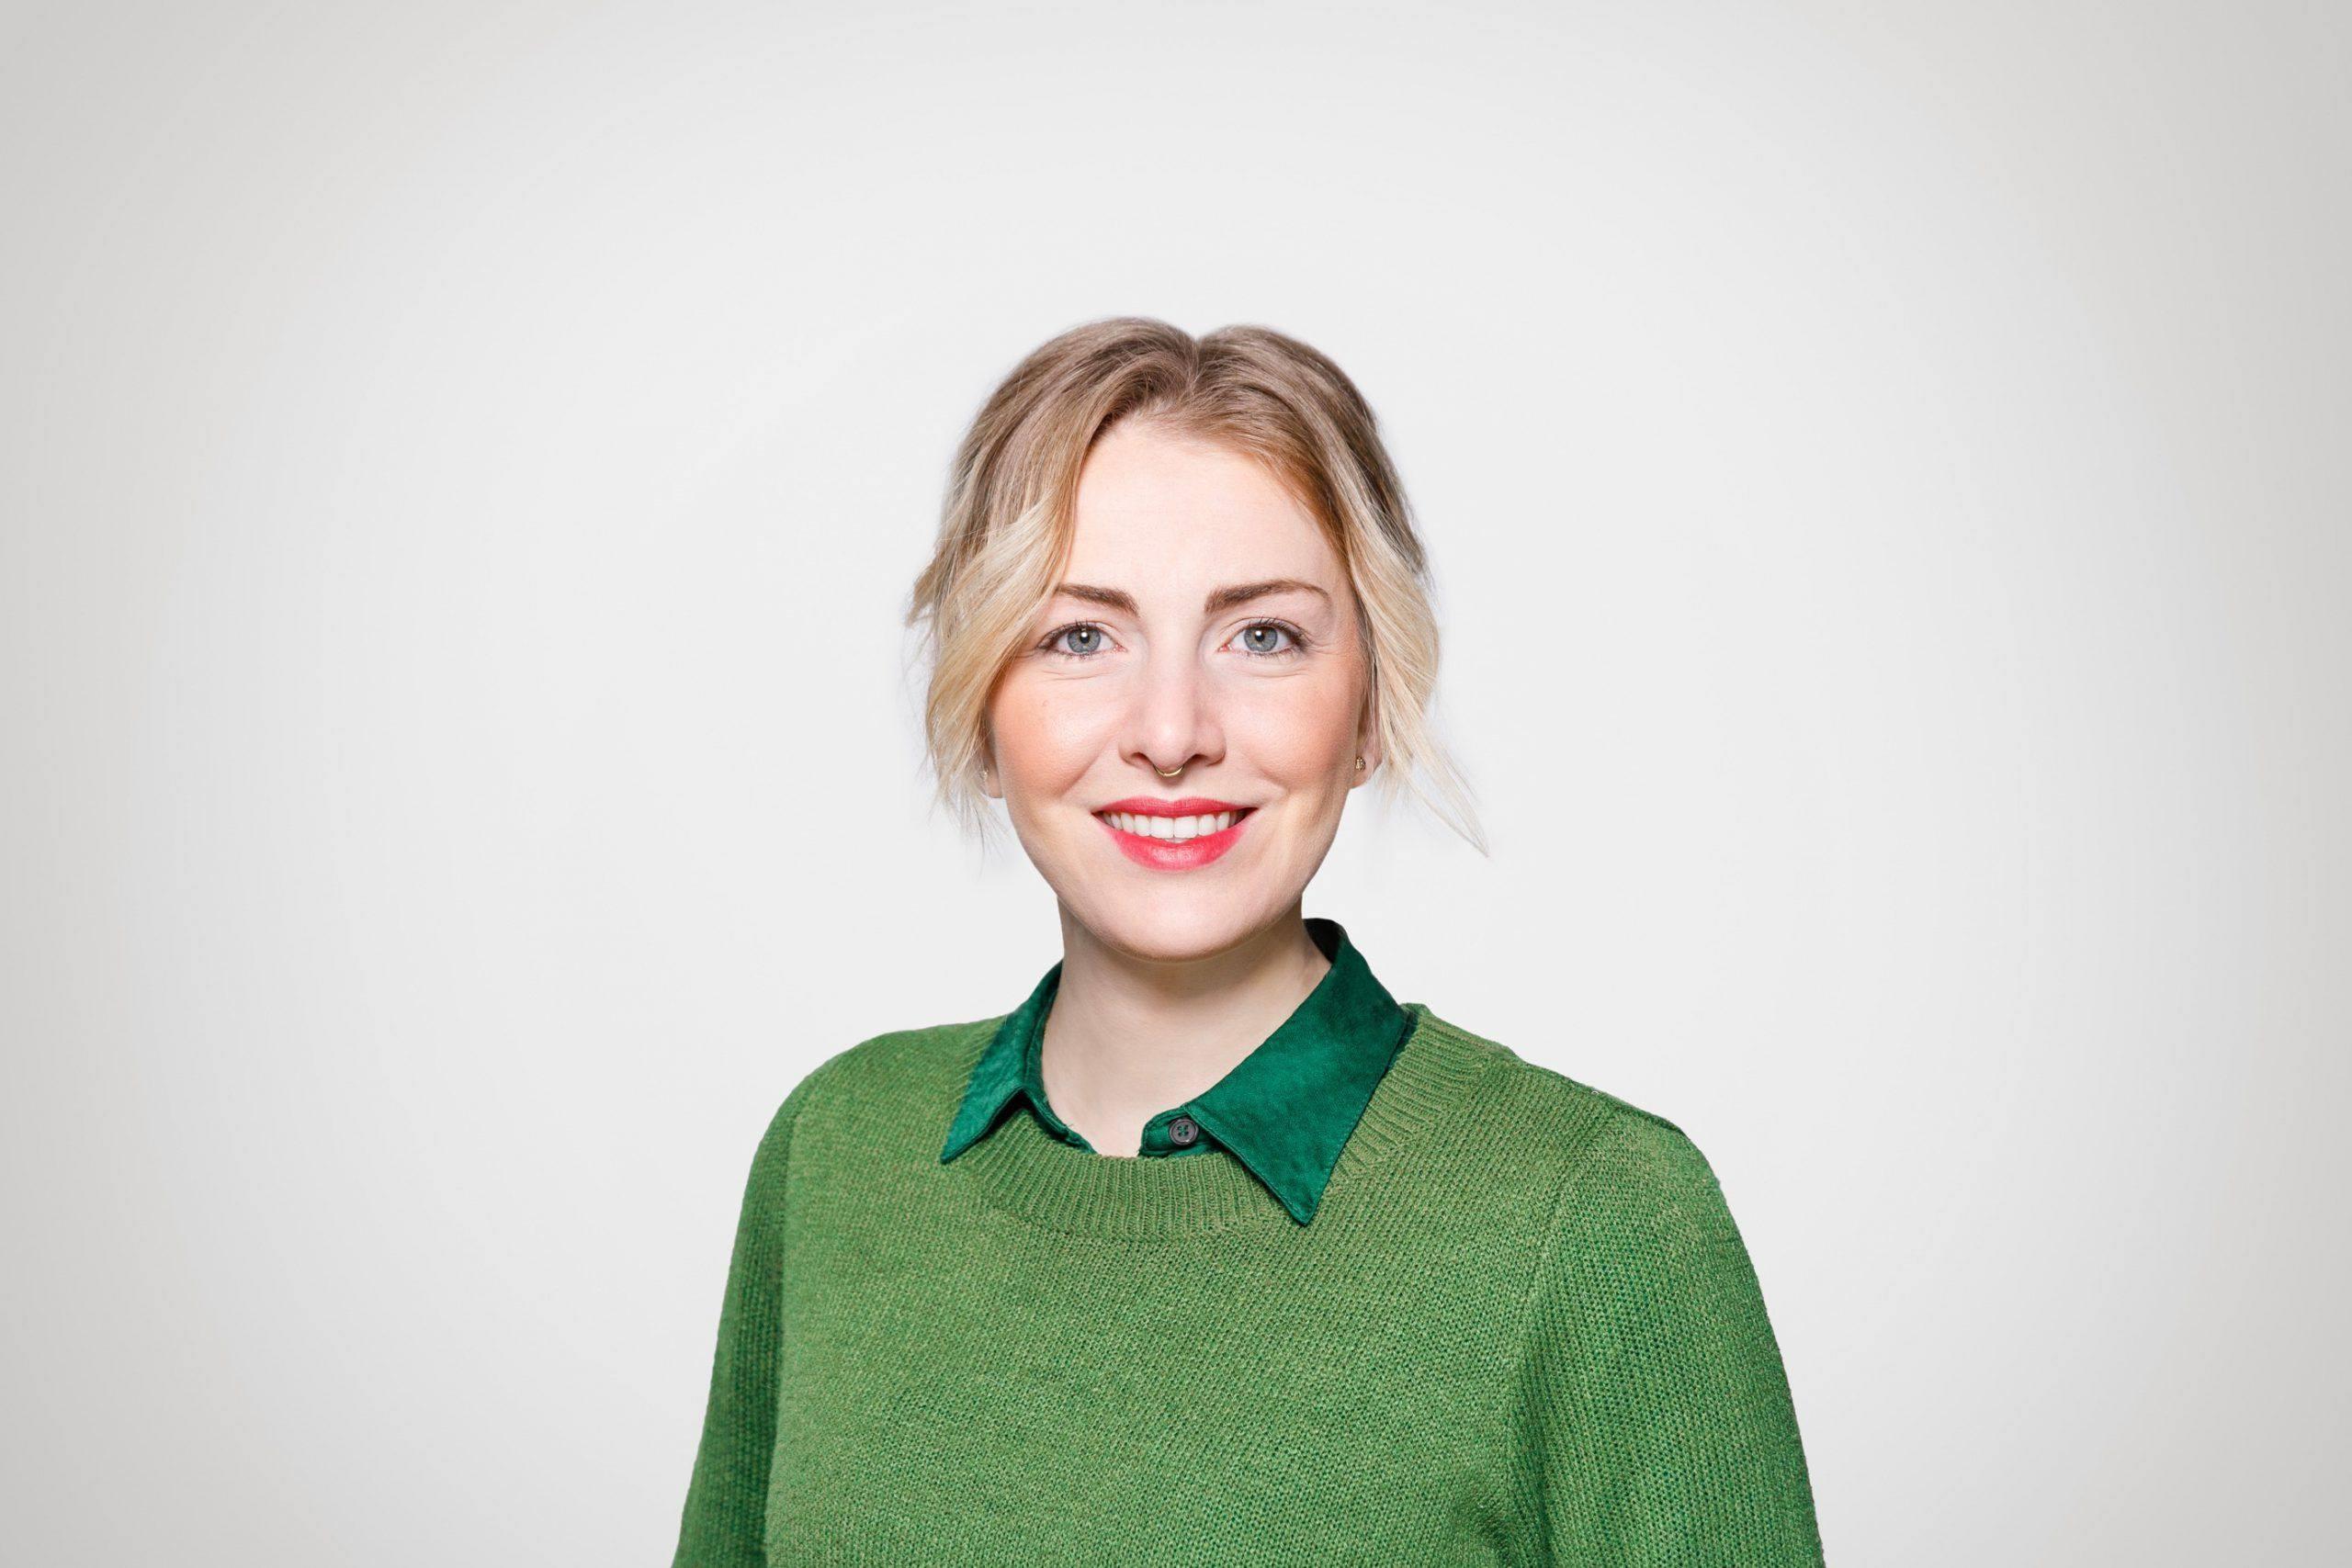 Nicole Fichtner